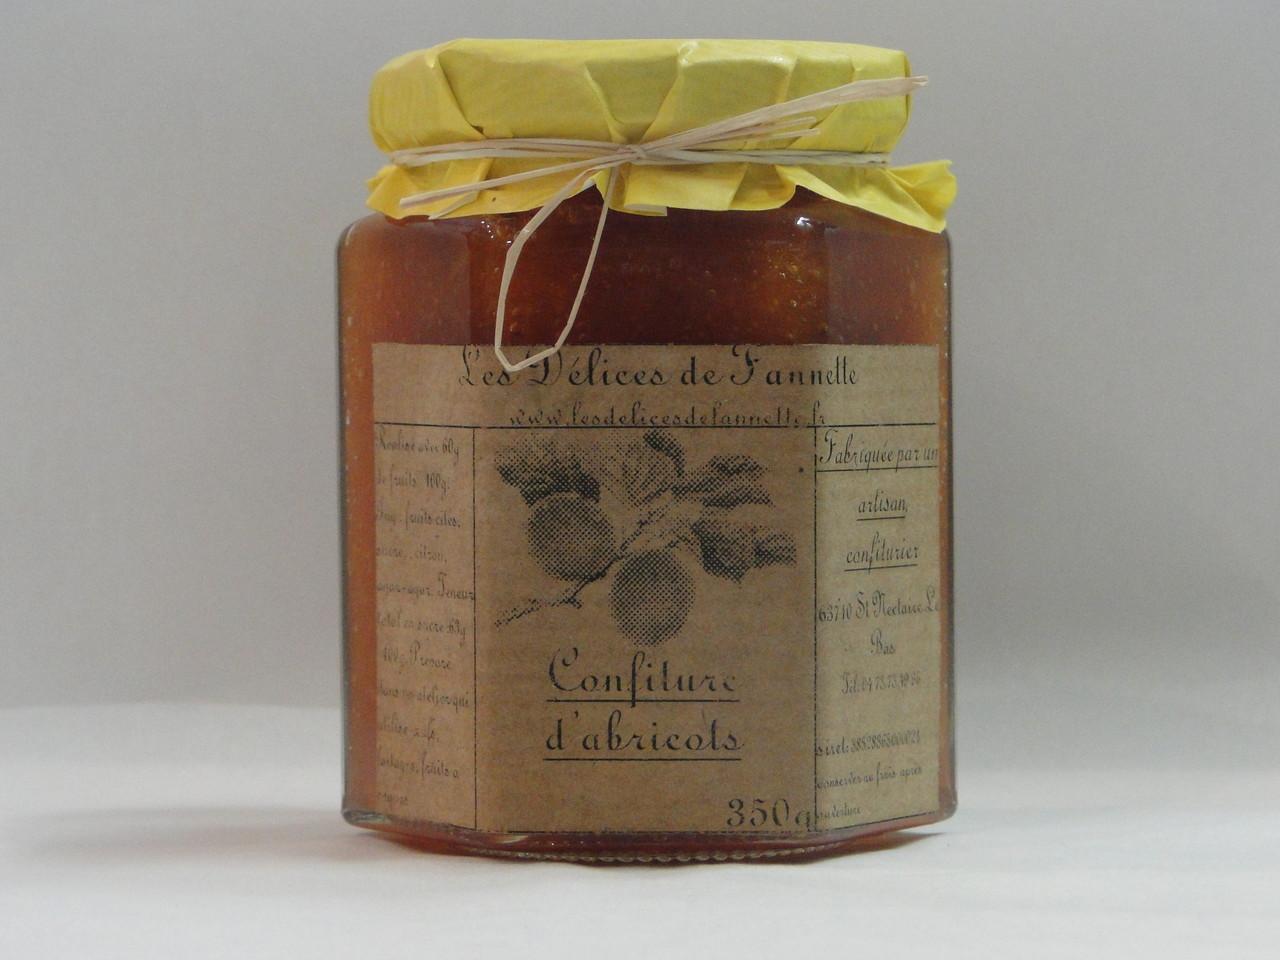 Confiture d'abricots Les délices de Fannette